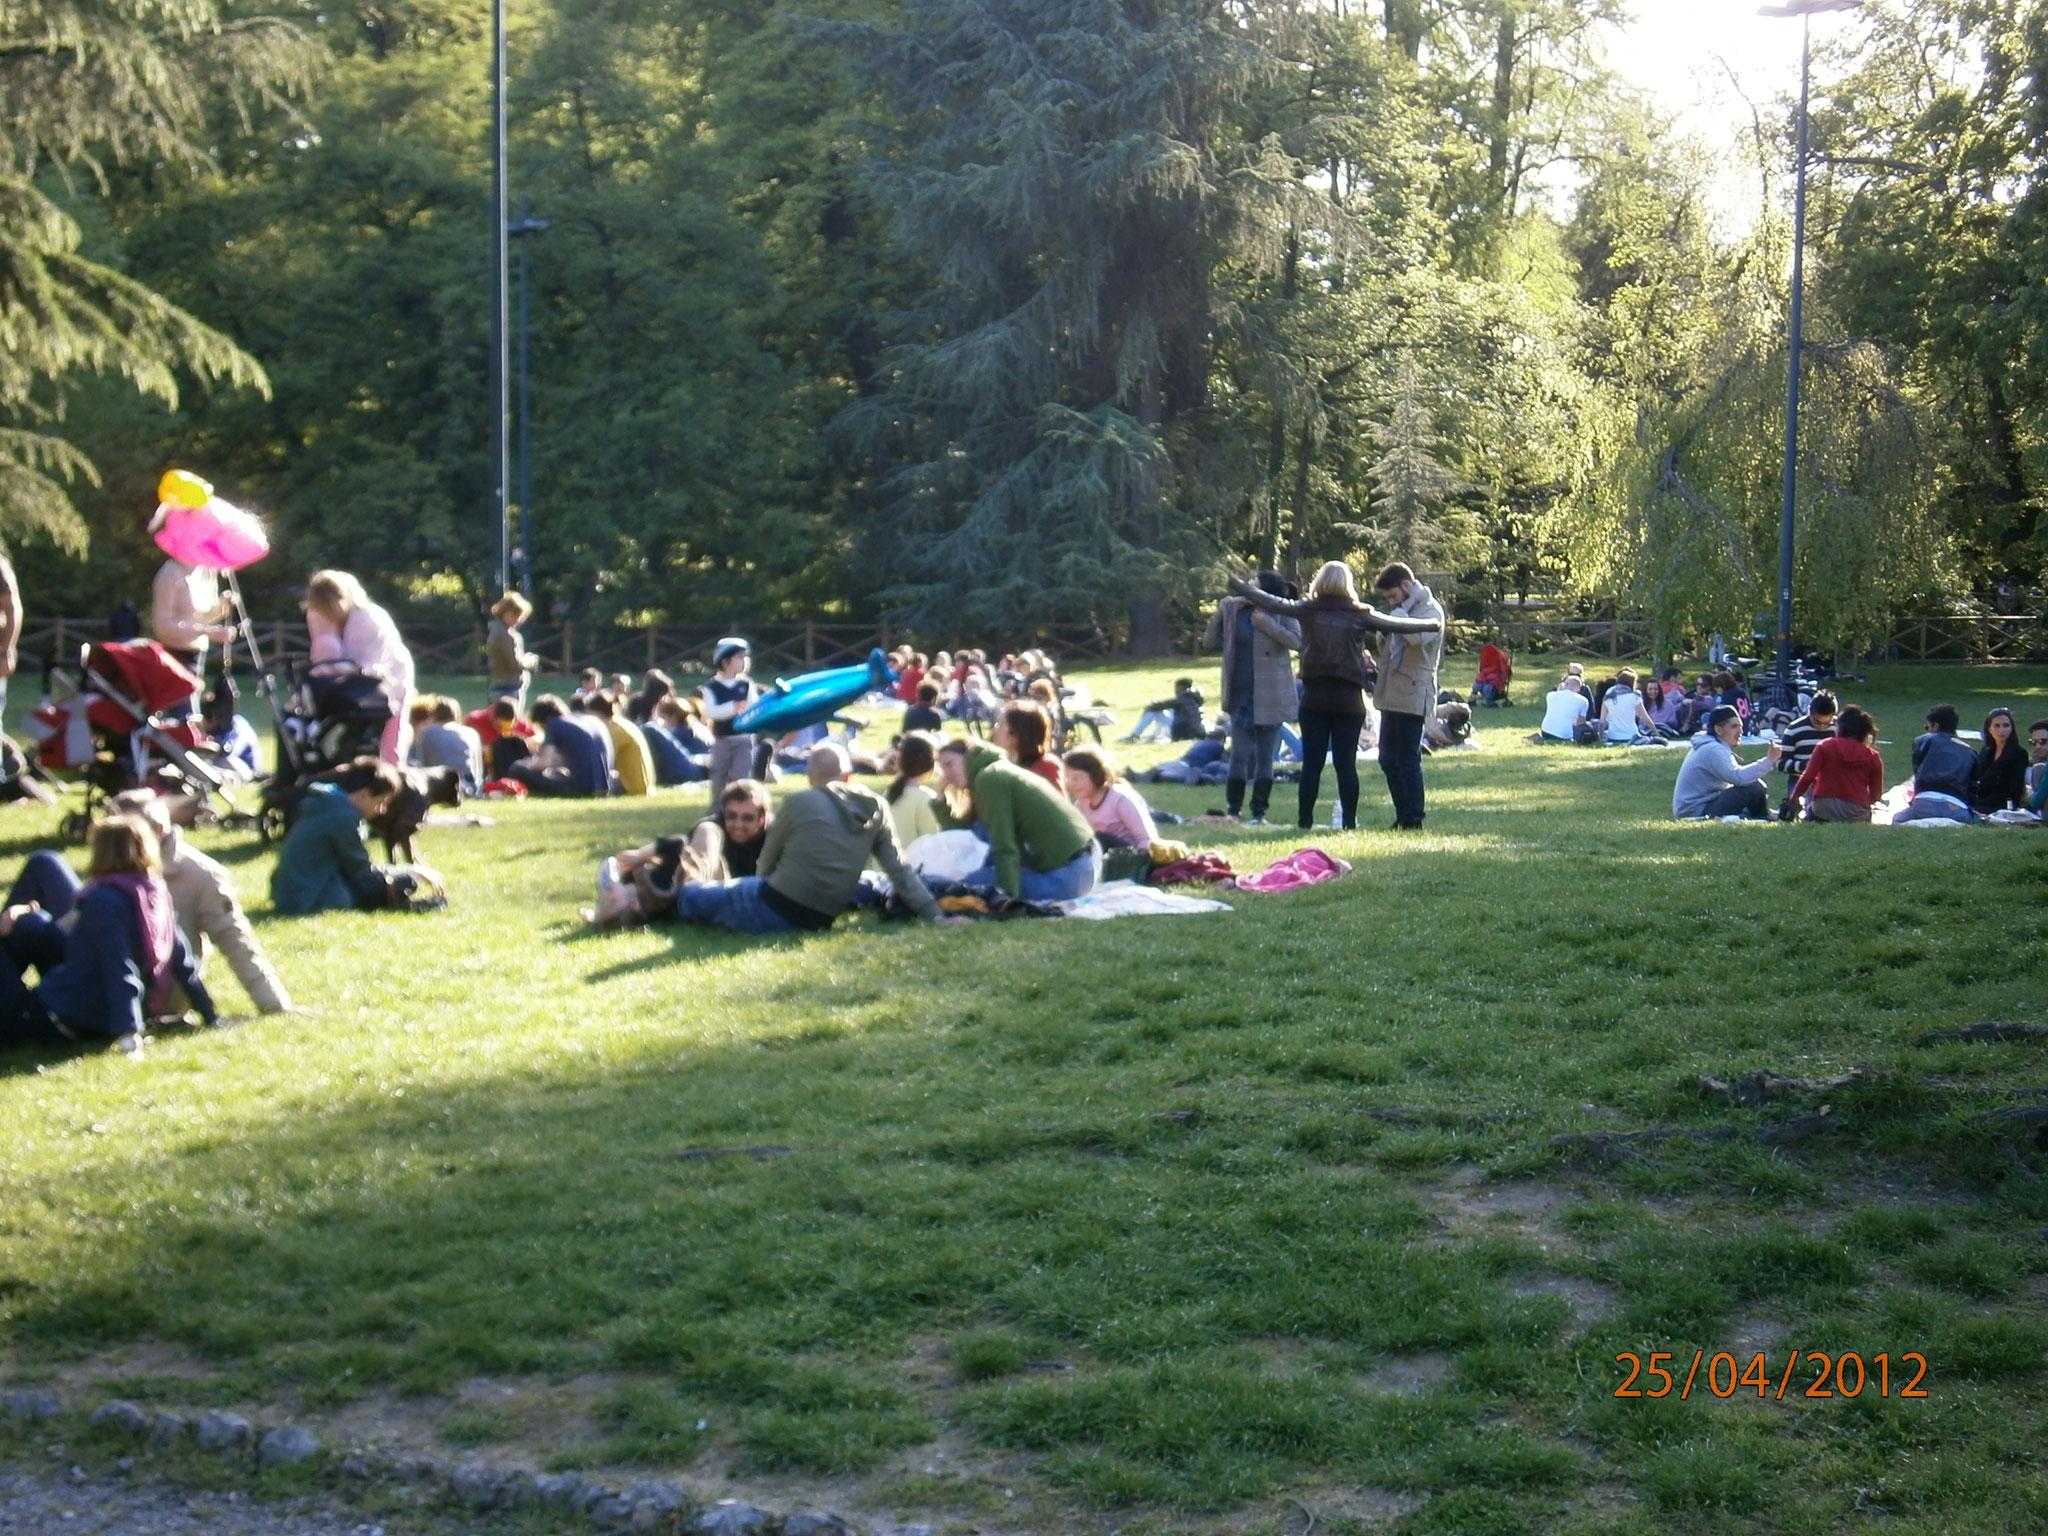 Parque Sempione: Lago, museo, edificios históricos, columpios y atracciones infantiles. Castello Sforzesco, Triennale, etc